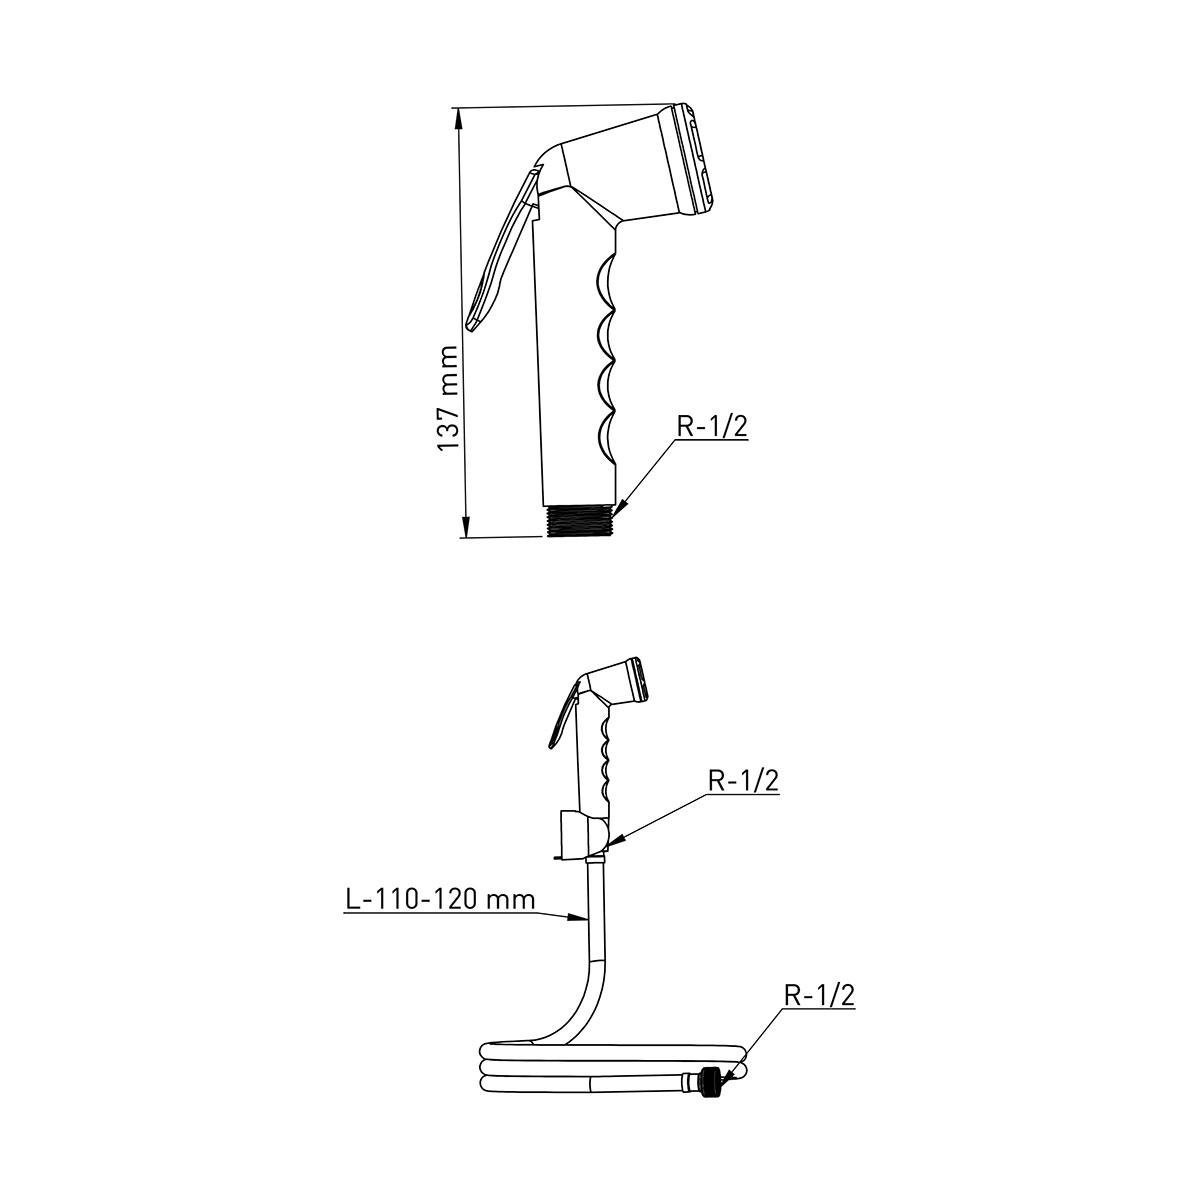 ABS Kalite Beyaz – Gri Taharetmatik, 120cm 360° Dönerli Beyaz Hortum